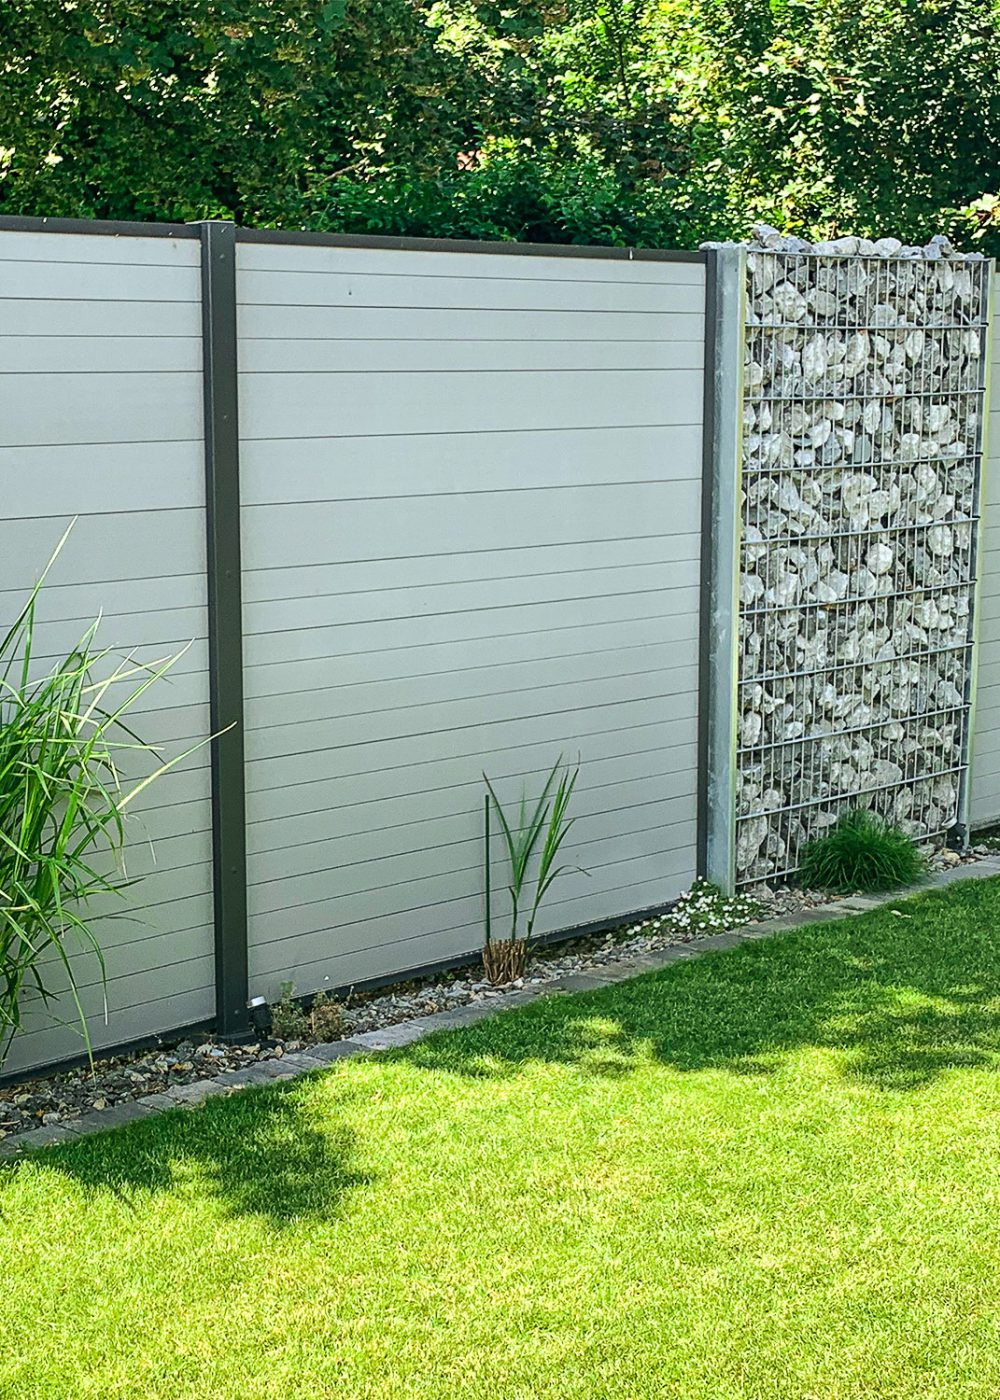 Gartenbau- & Landschaftsbau Markus Kapper - Mauerbau; Zaunbau & Sichtschutz